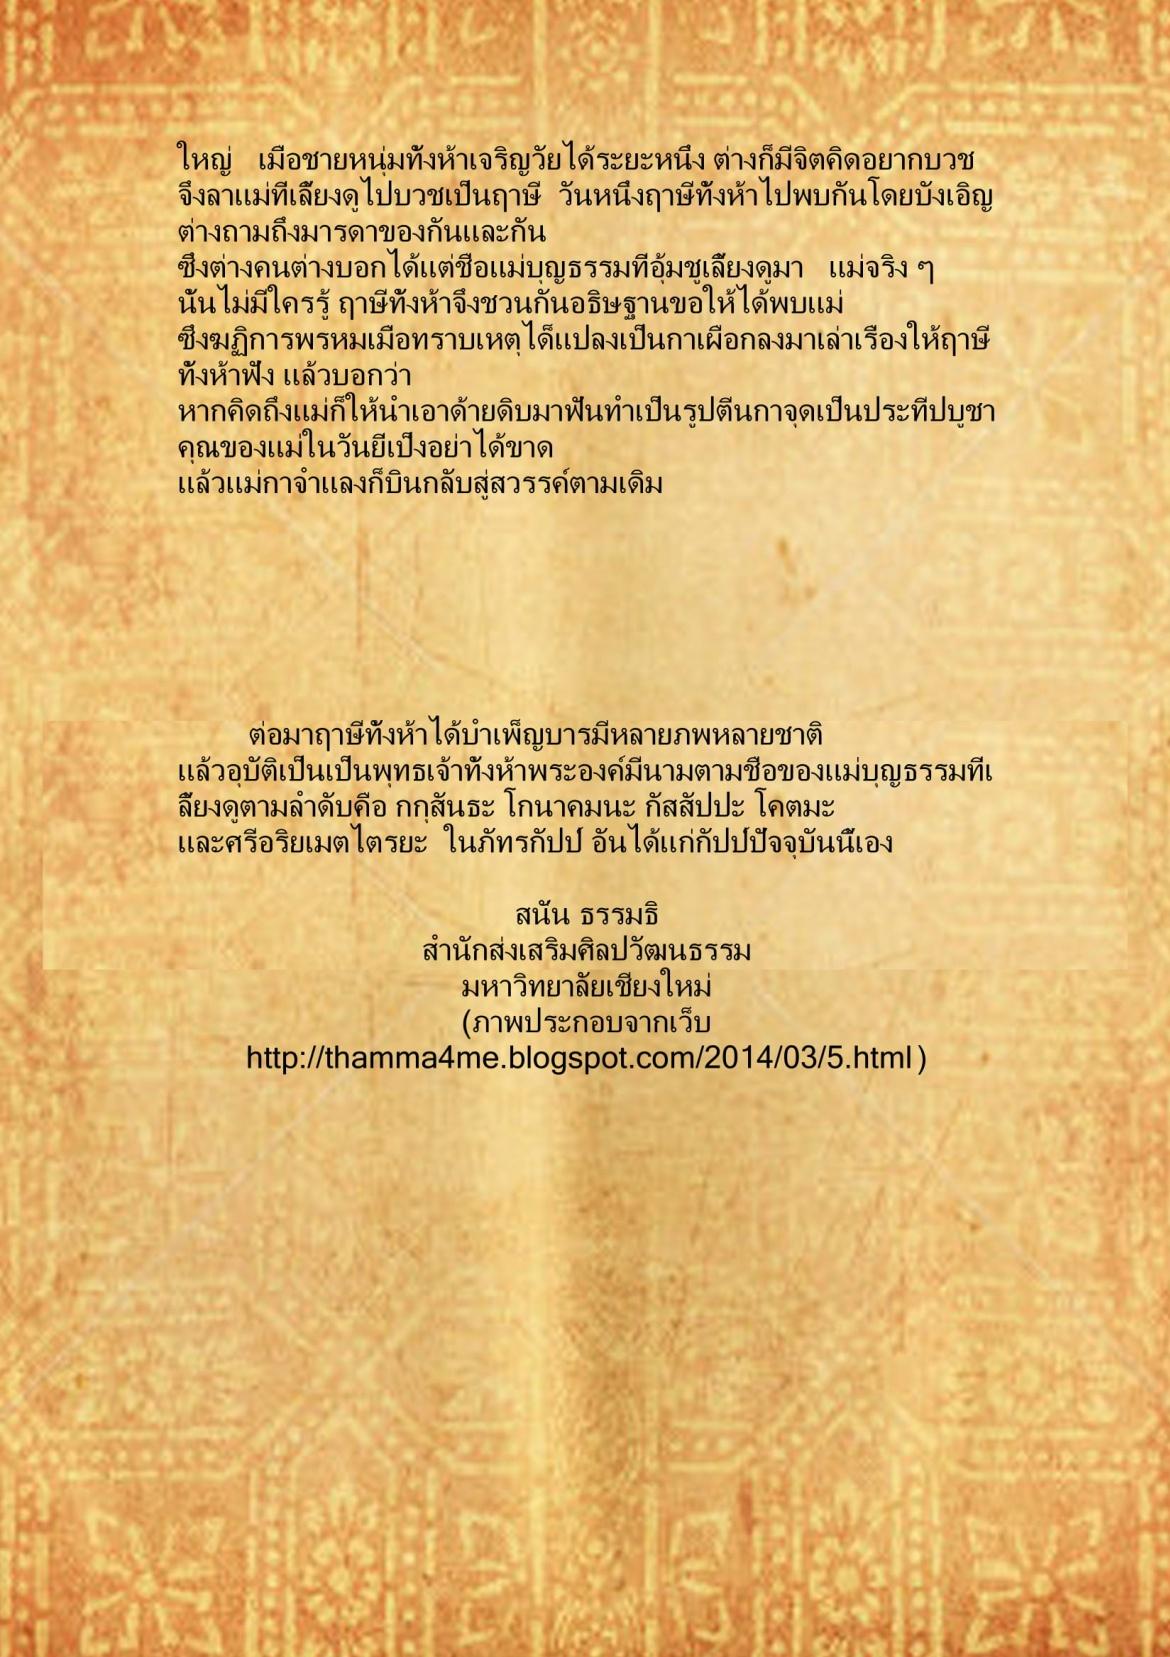 ผางผะตึด/ประทีป (1) - 7  พฤศจิกายน  2559